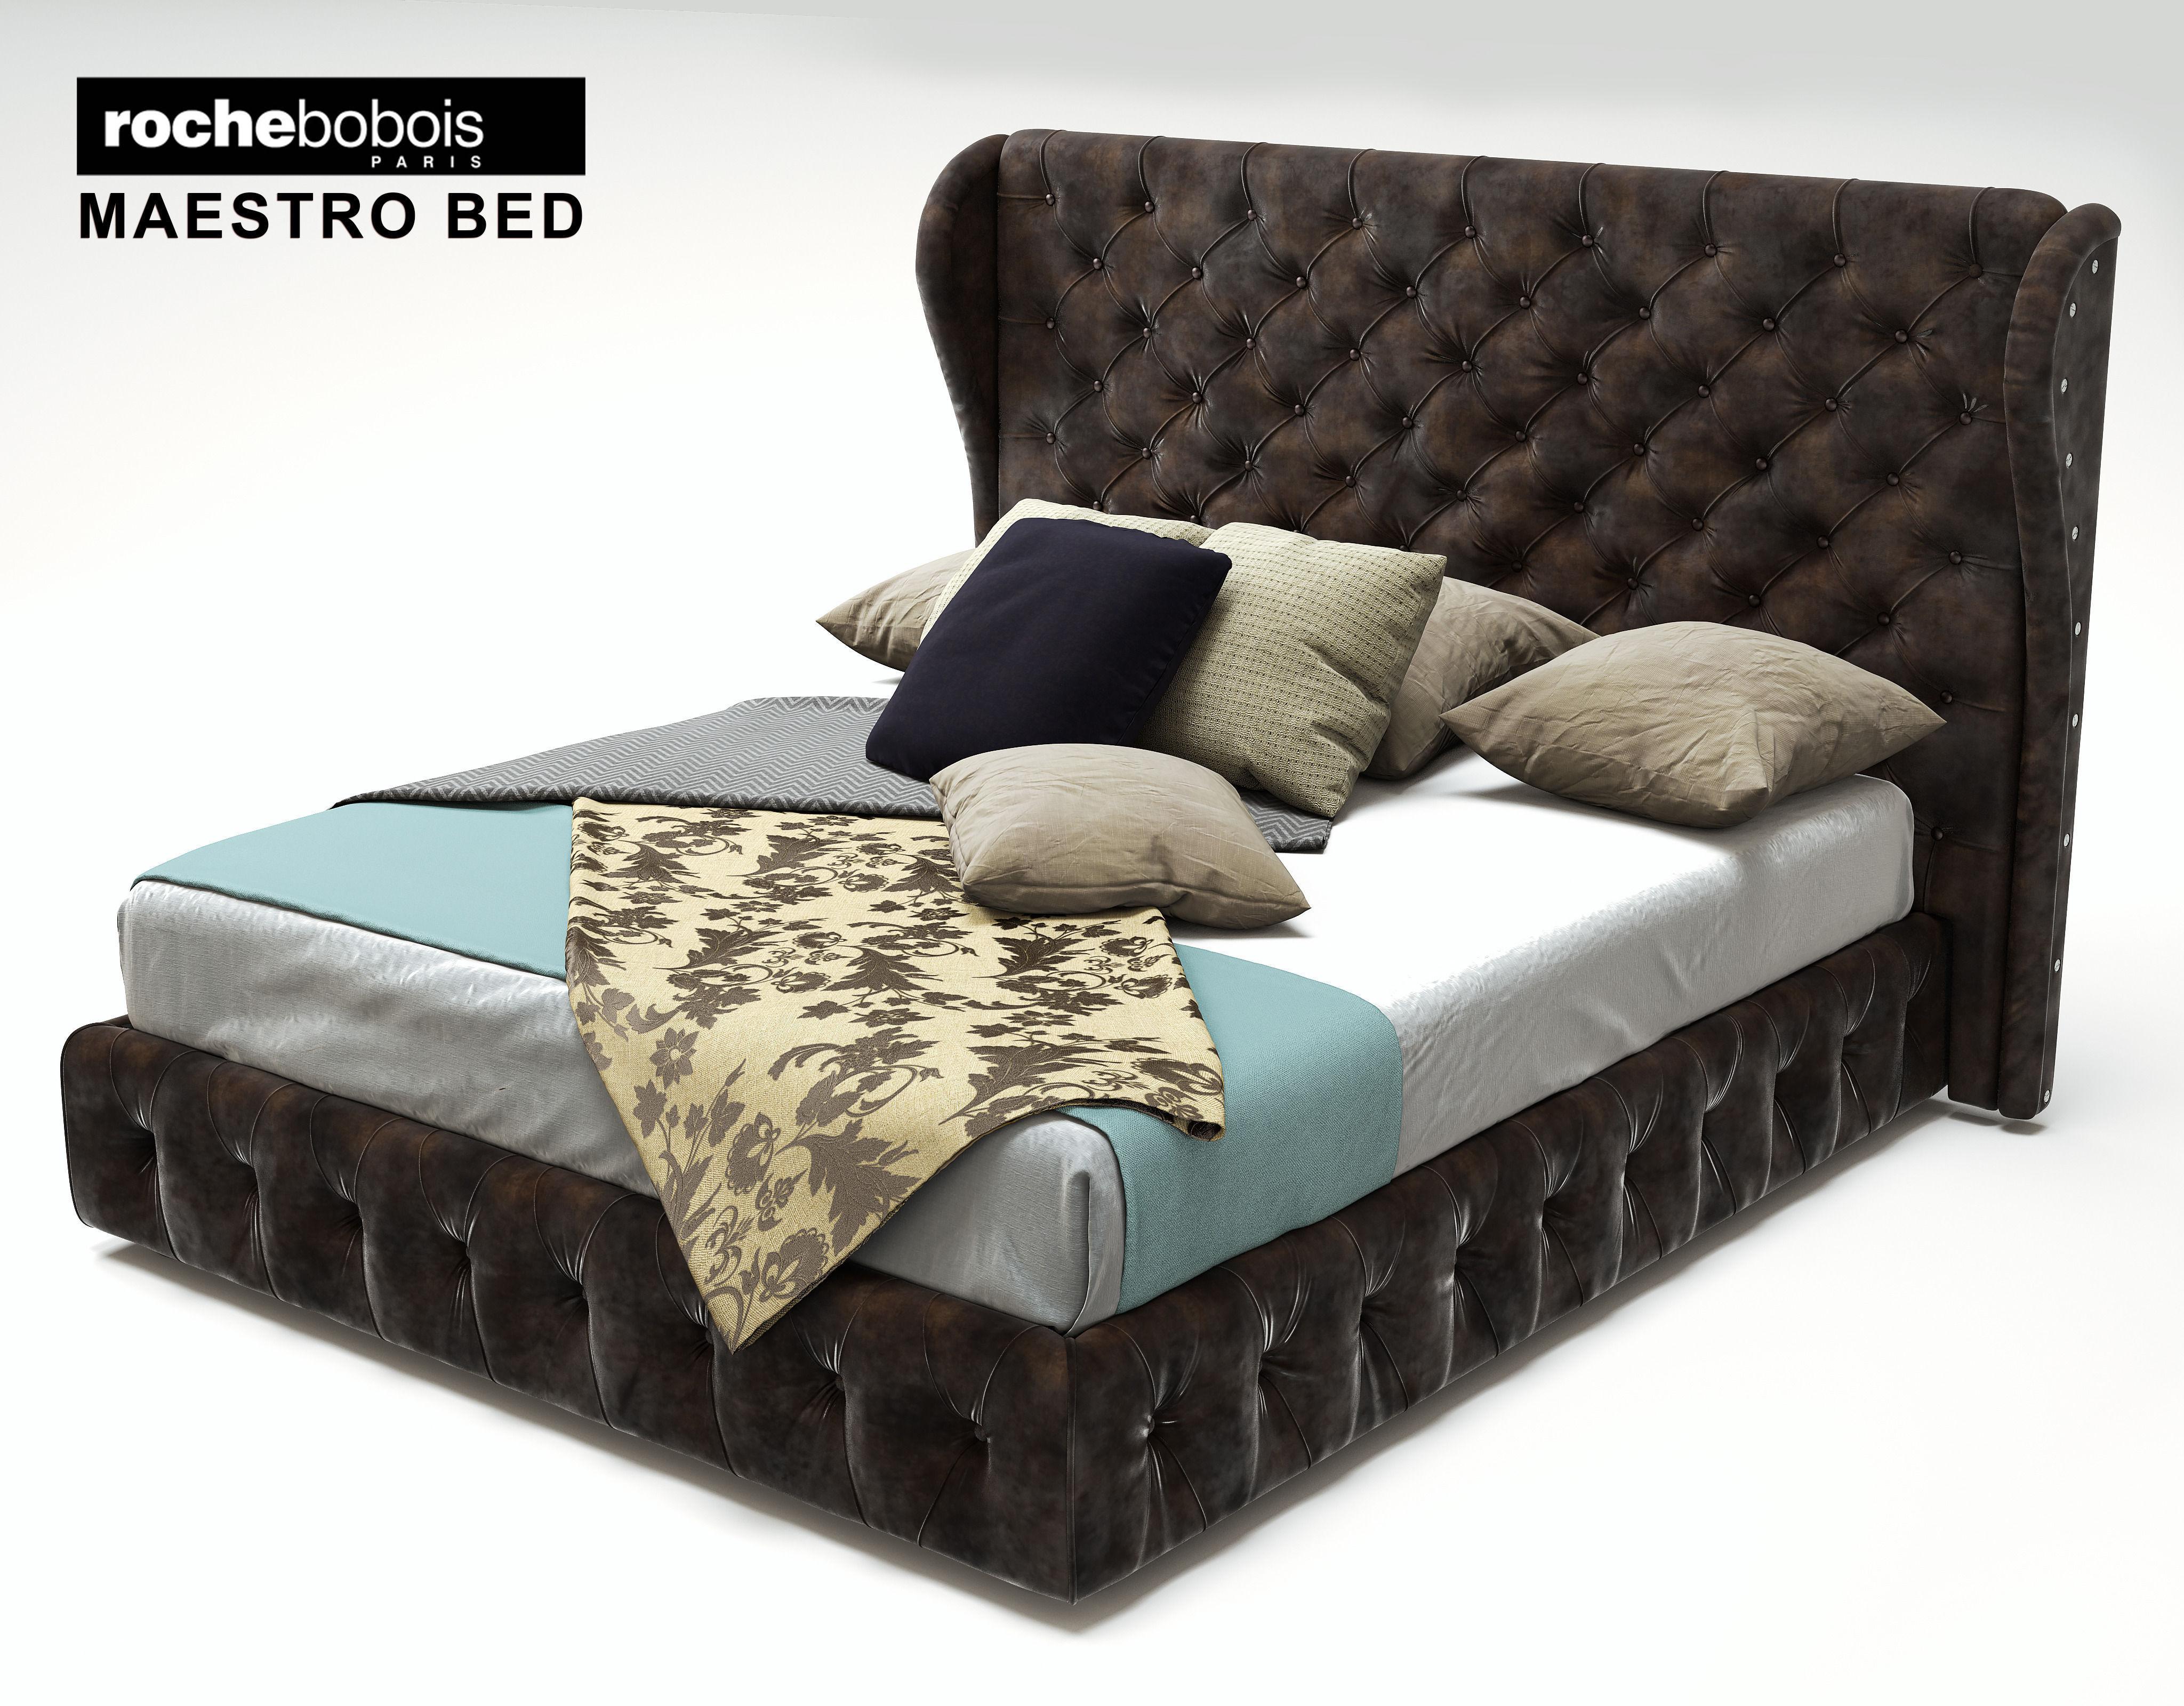 rochebobois-maestro-bed-3d-model-max-obj Unique De Table Basse Roche Bobois Occasion Des Idées